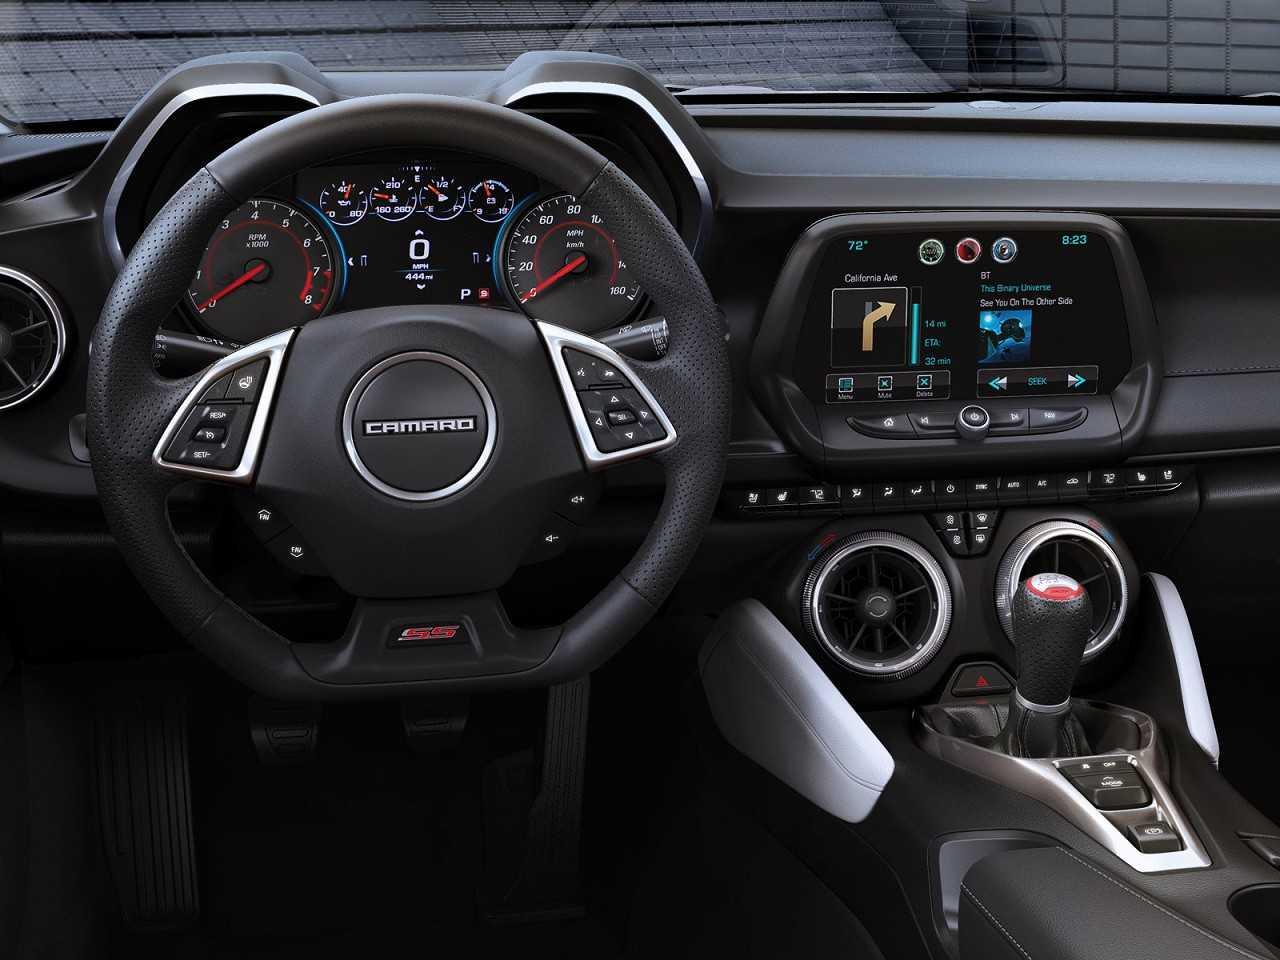 Chevrolet Camaro - Foto 11 de 32 - 1280 x 960 pixels - AUTOO